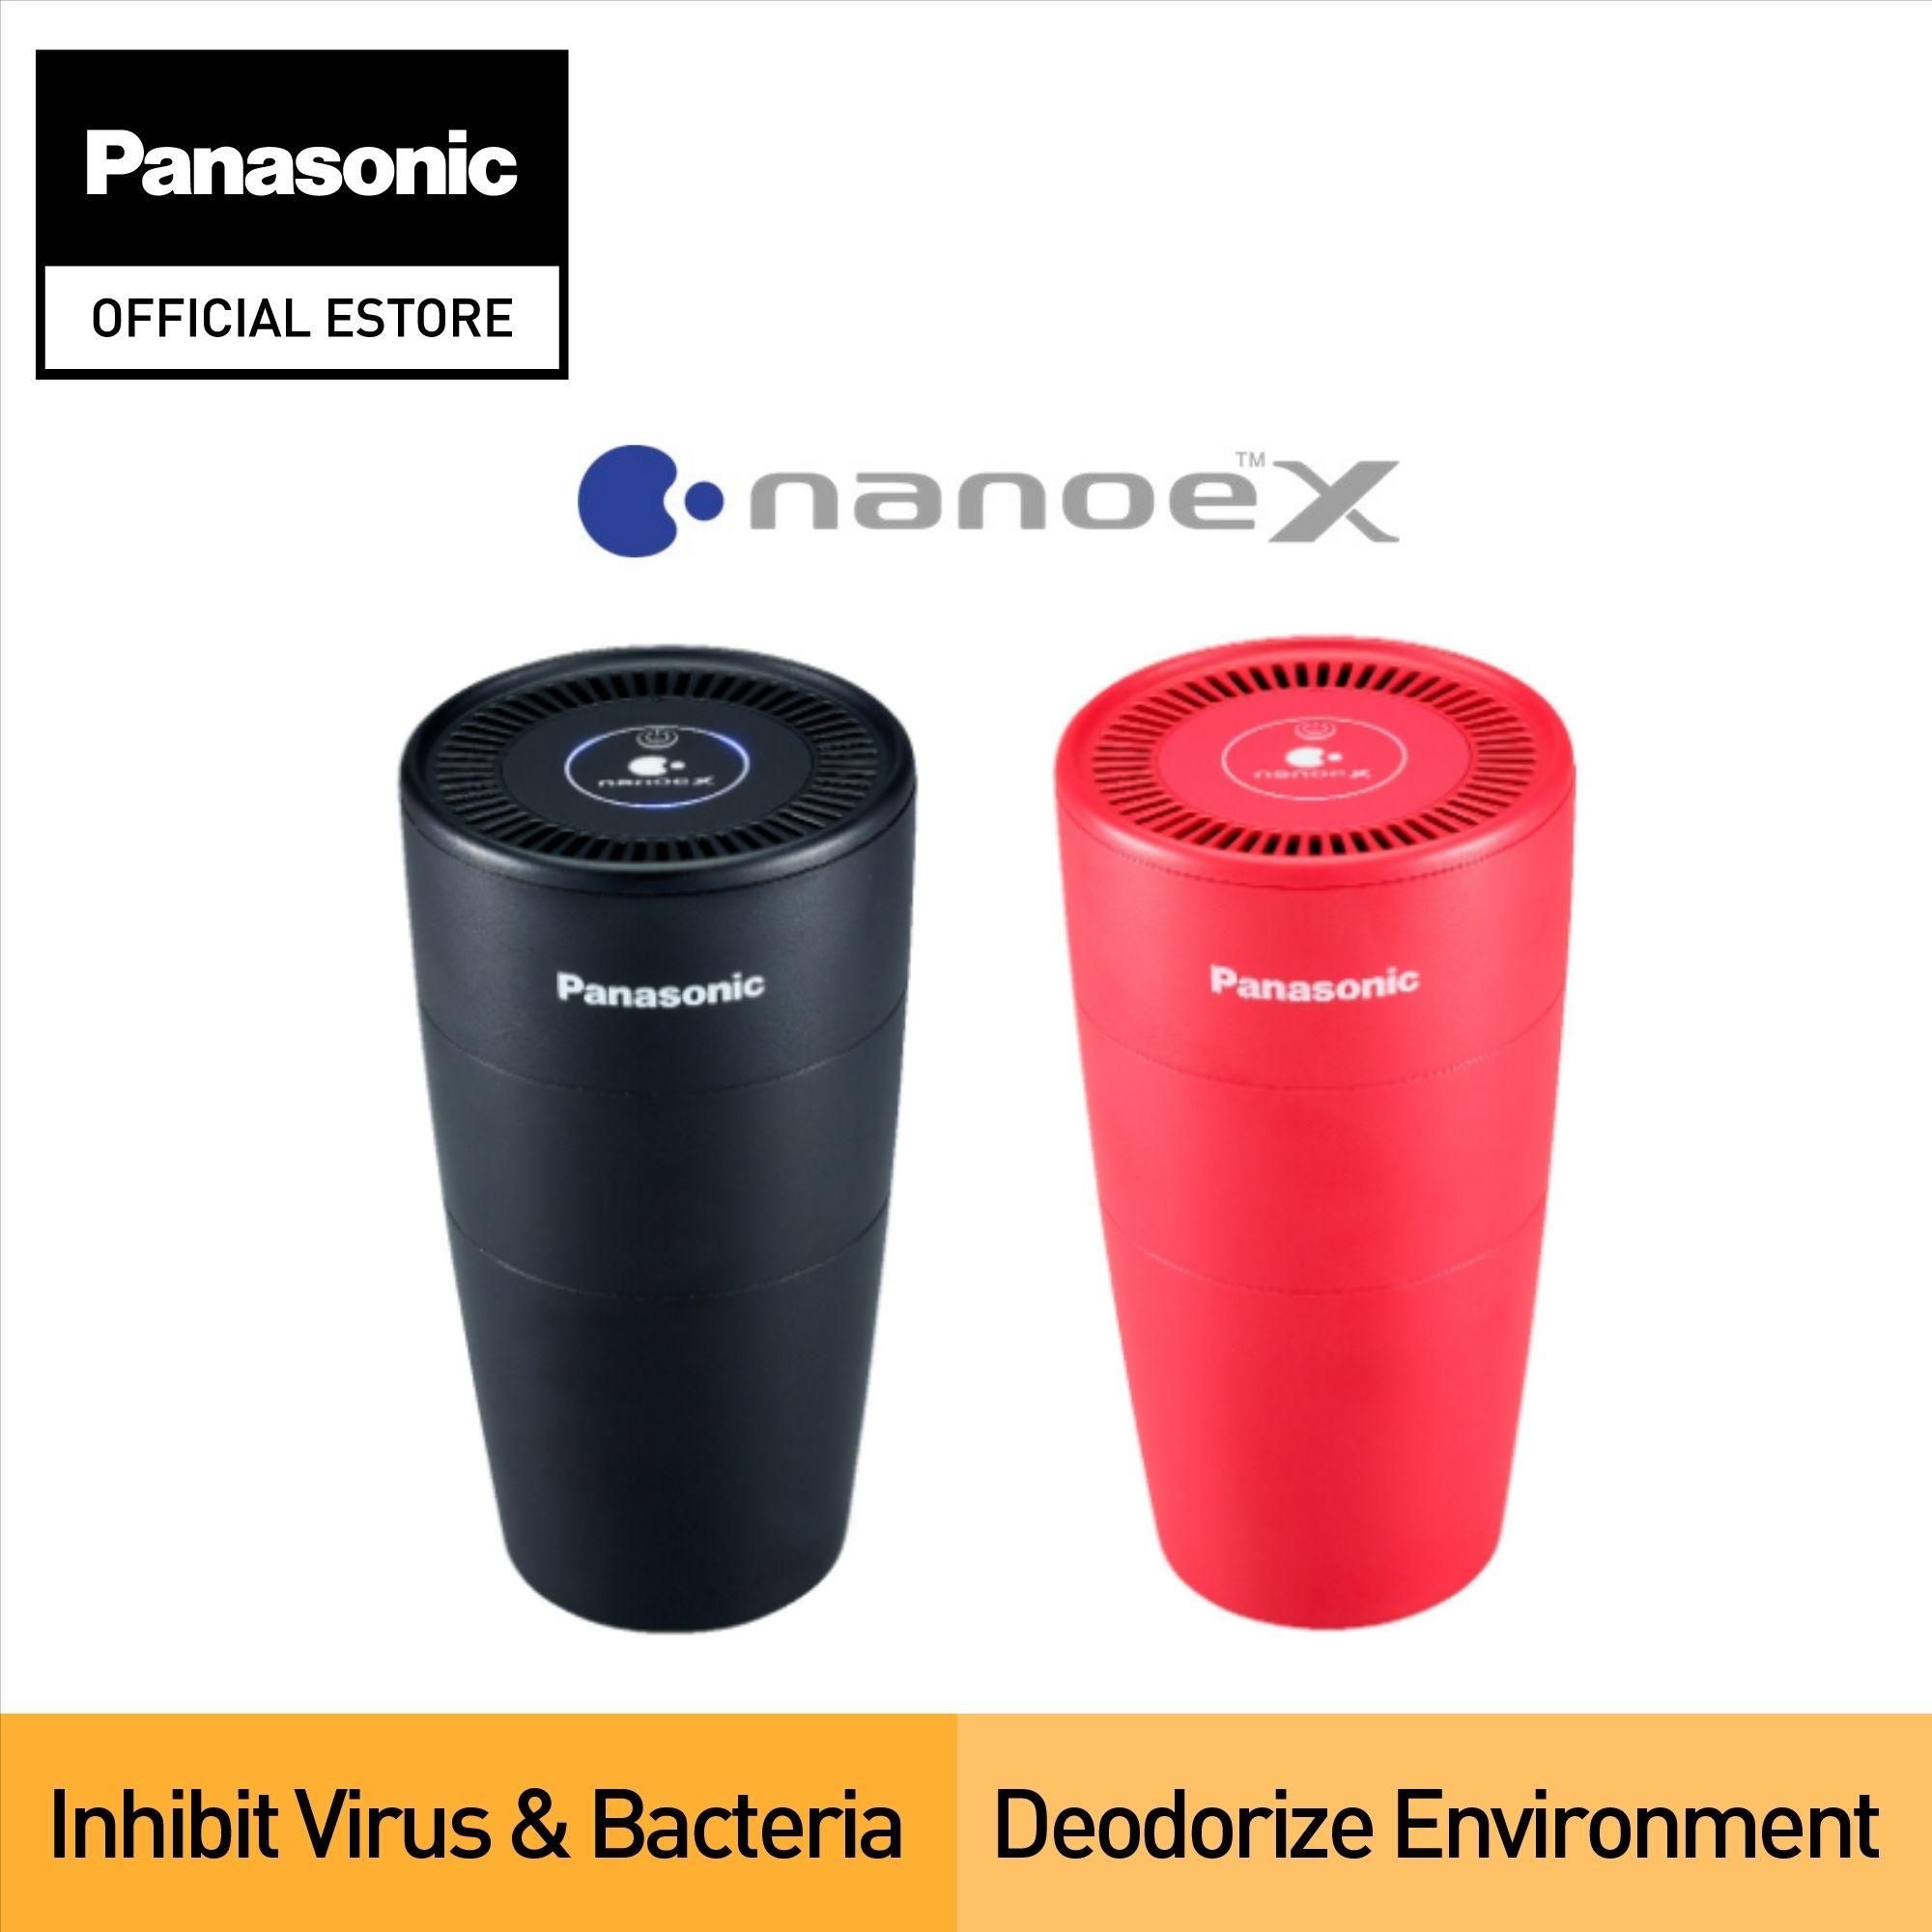 Máy lọc không khí Panasonic F-GPT01A-K / F-GPT01A-R ( Máy lọc không khí Nanoe X xe ô tô )